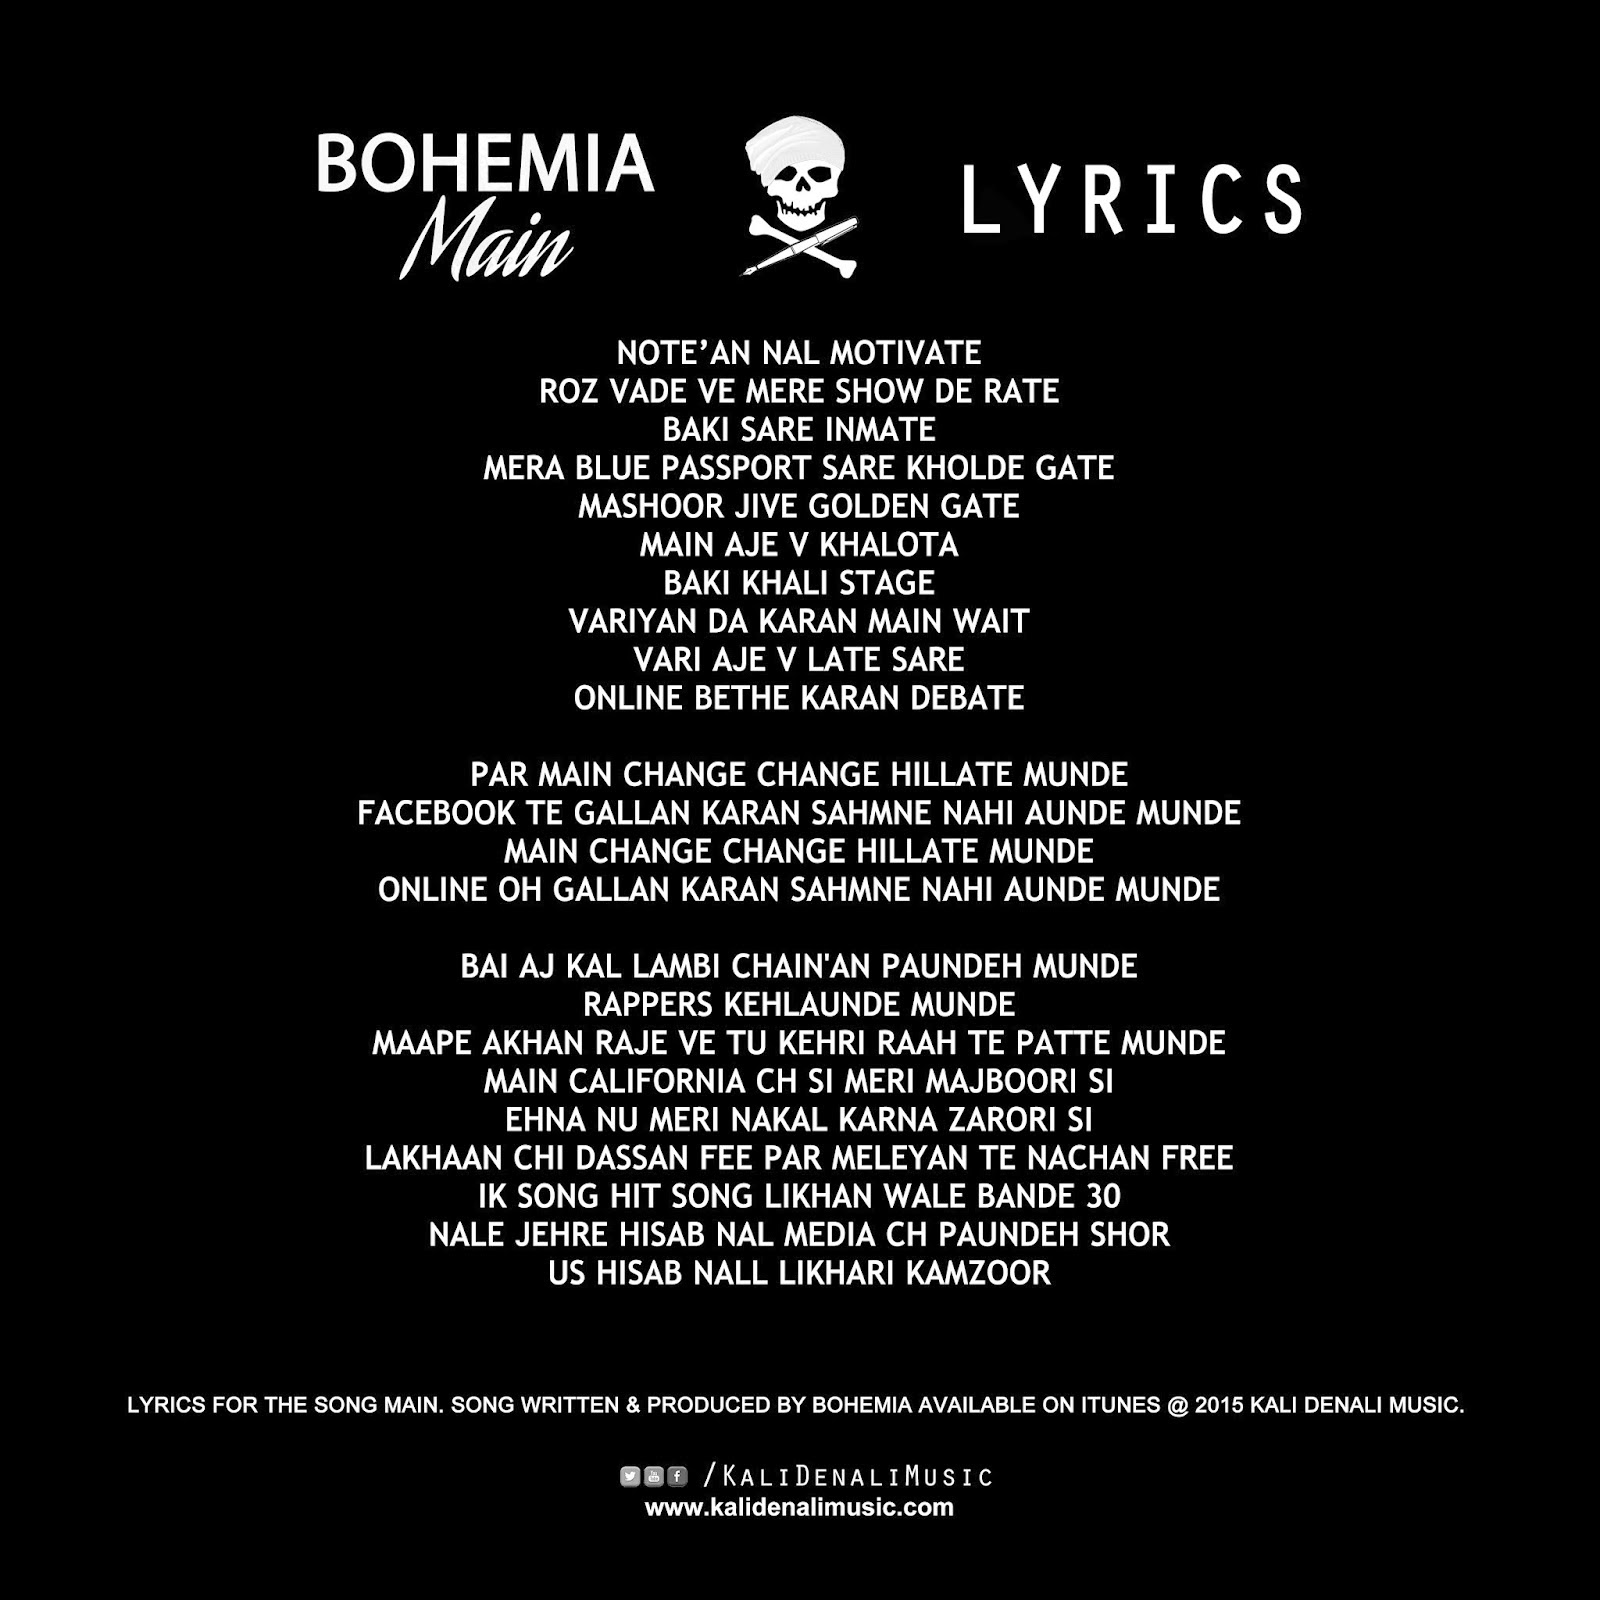 Bohemian rhapsody lyrics